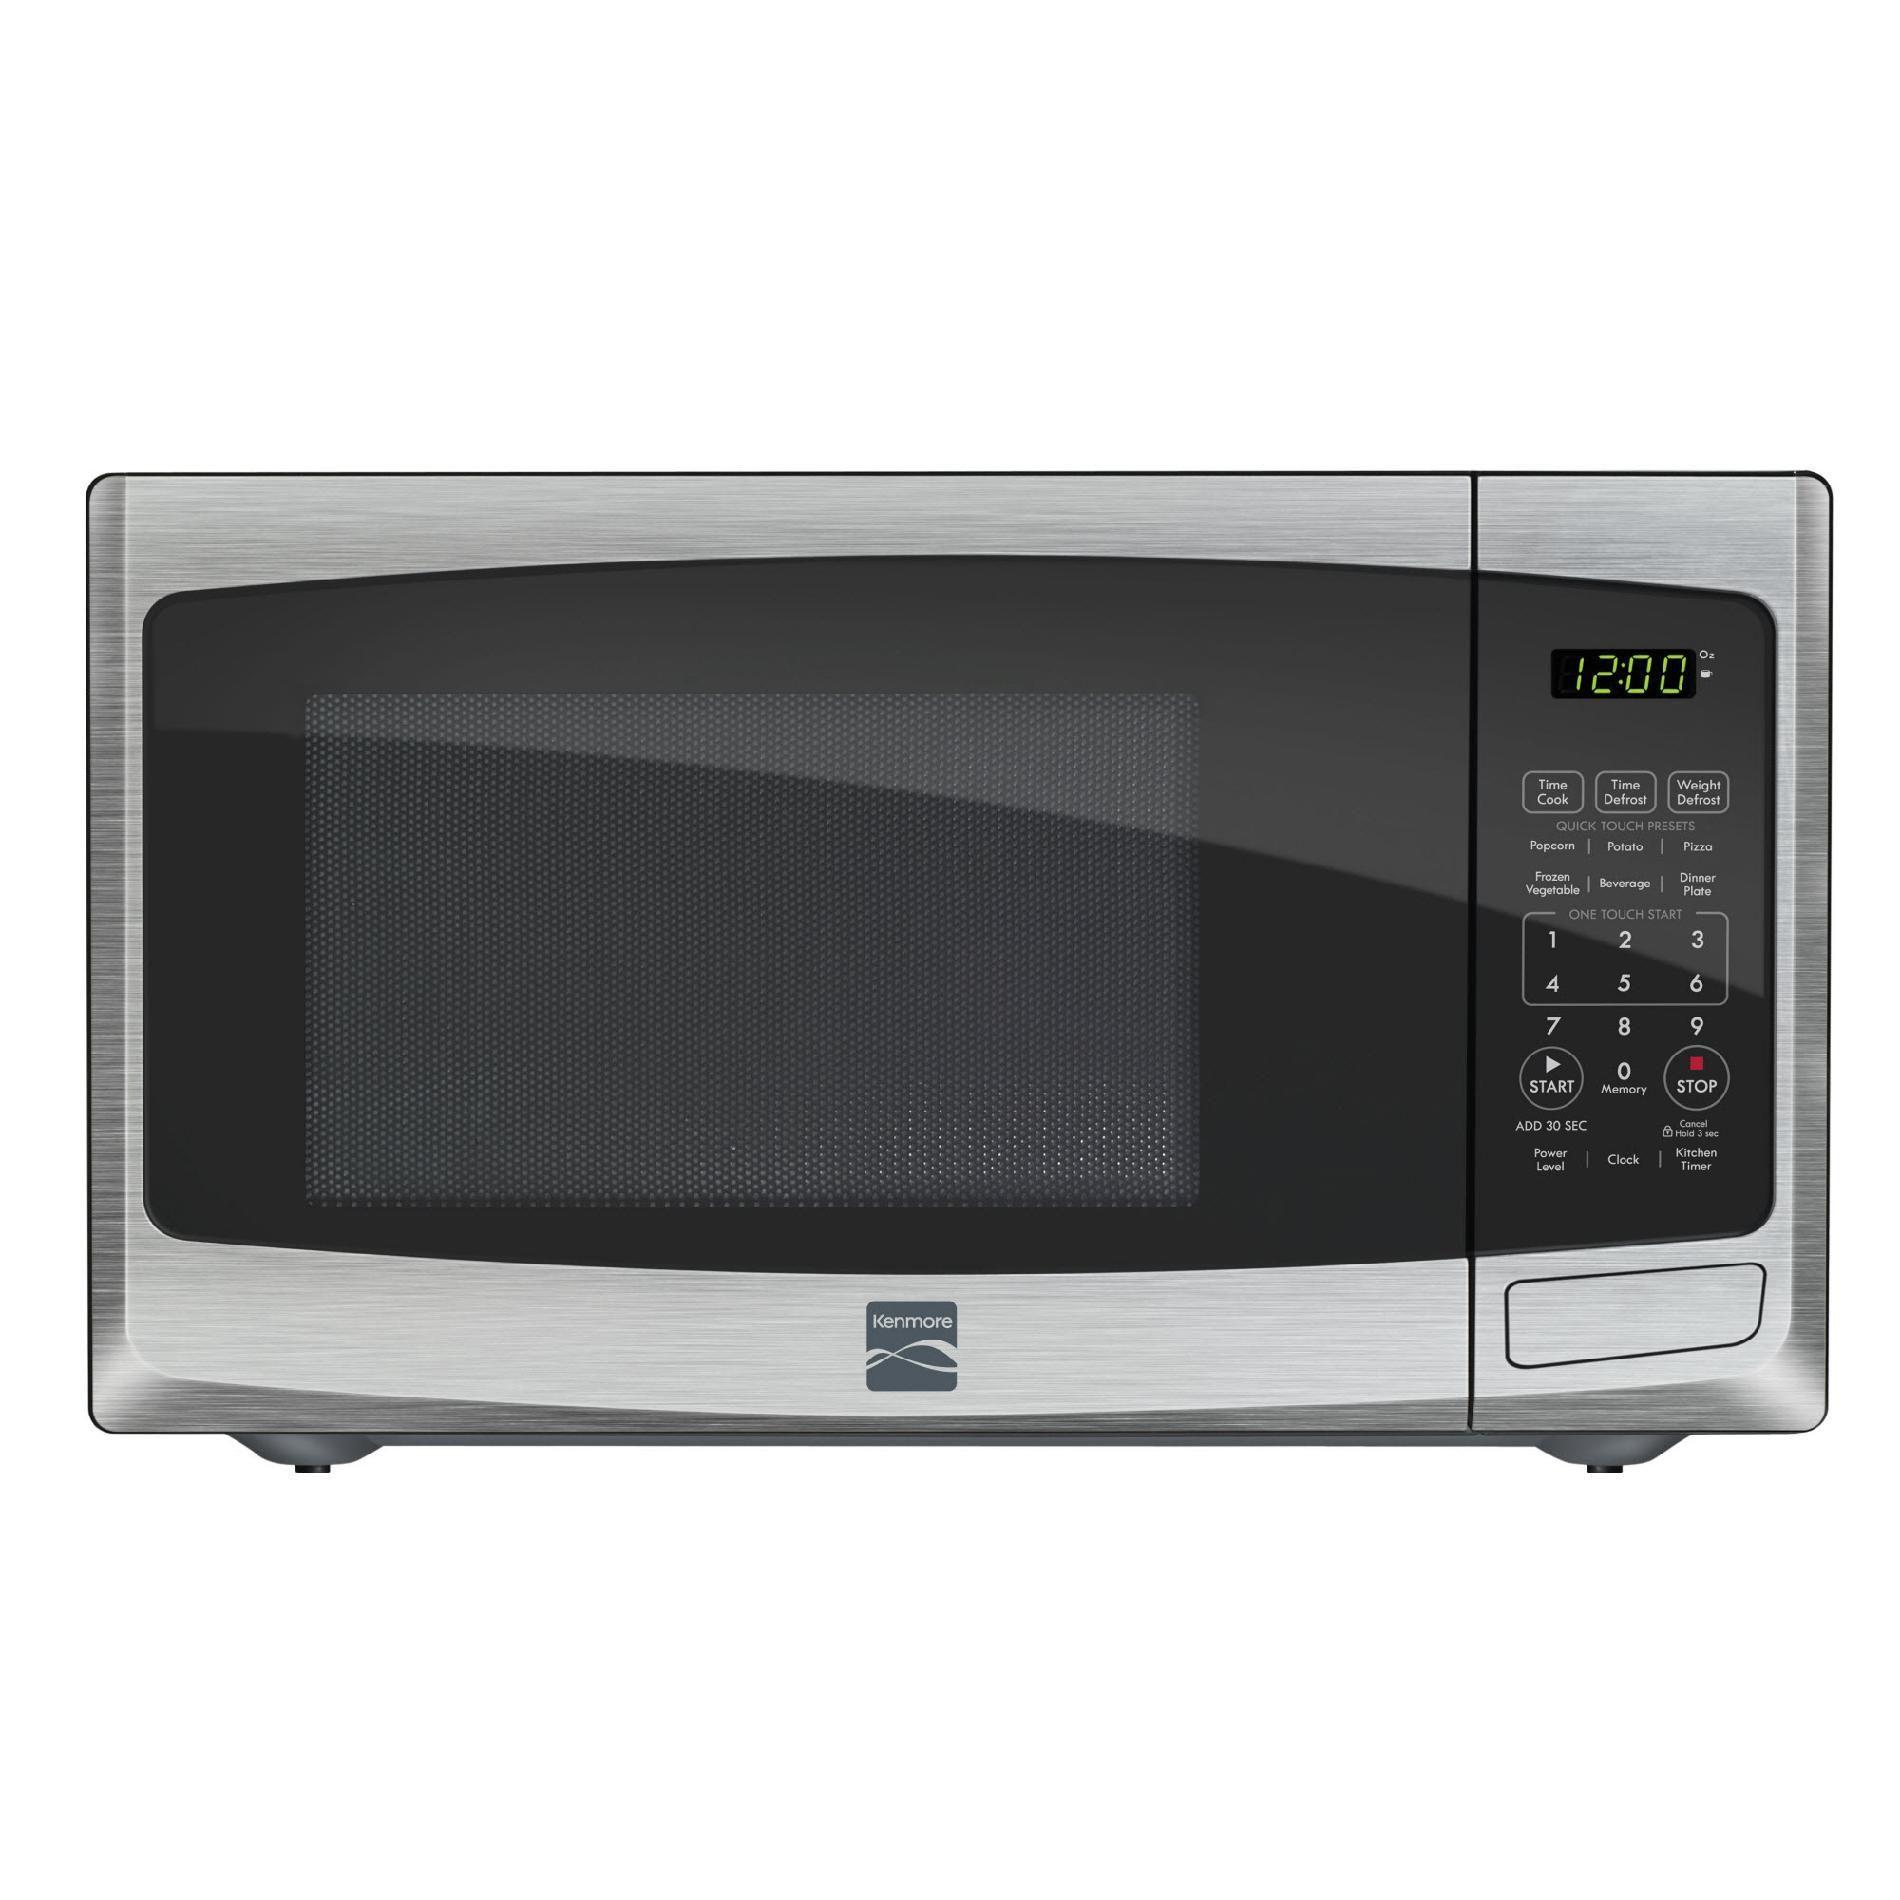 Kenmore Countertop Microwave 0 9 Cu Ft 73093 Sears